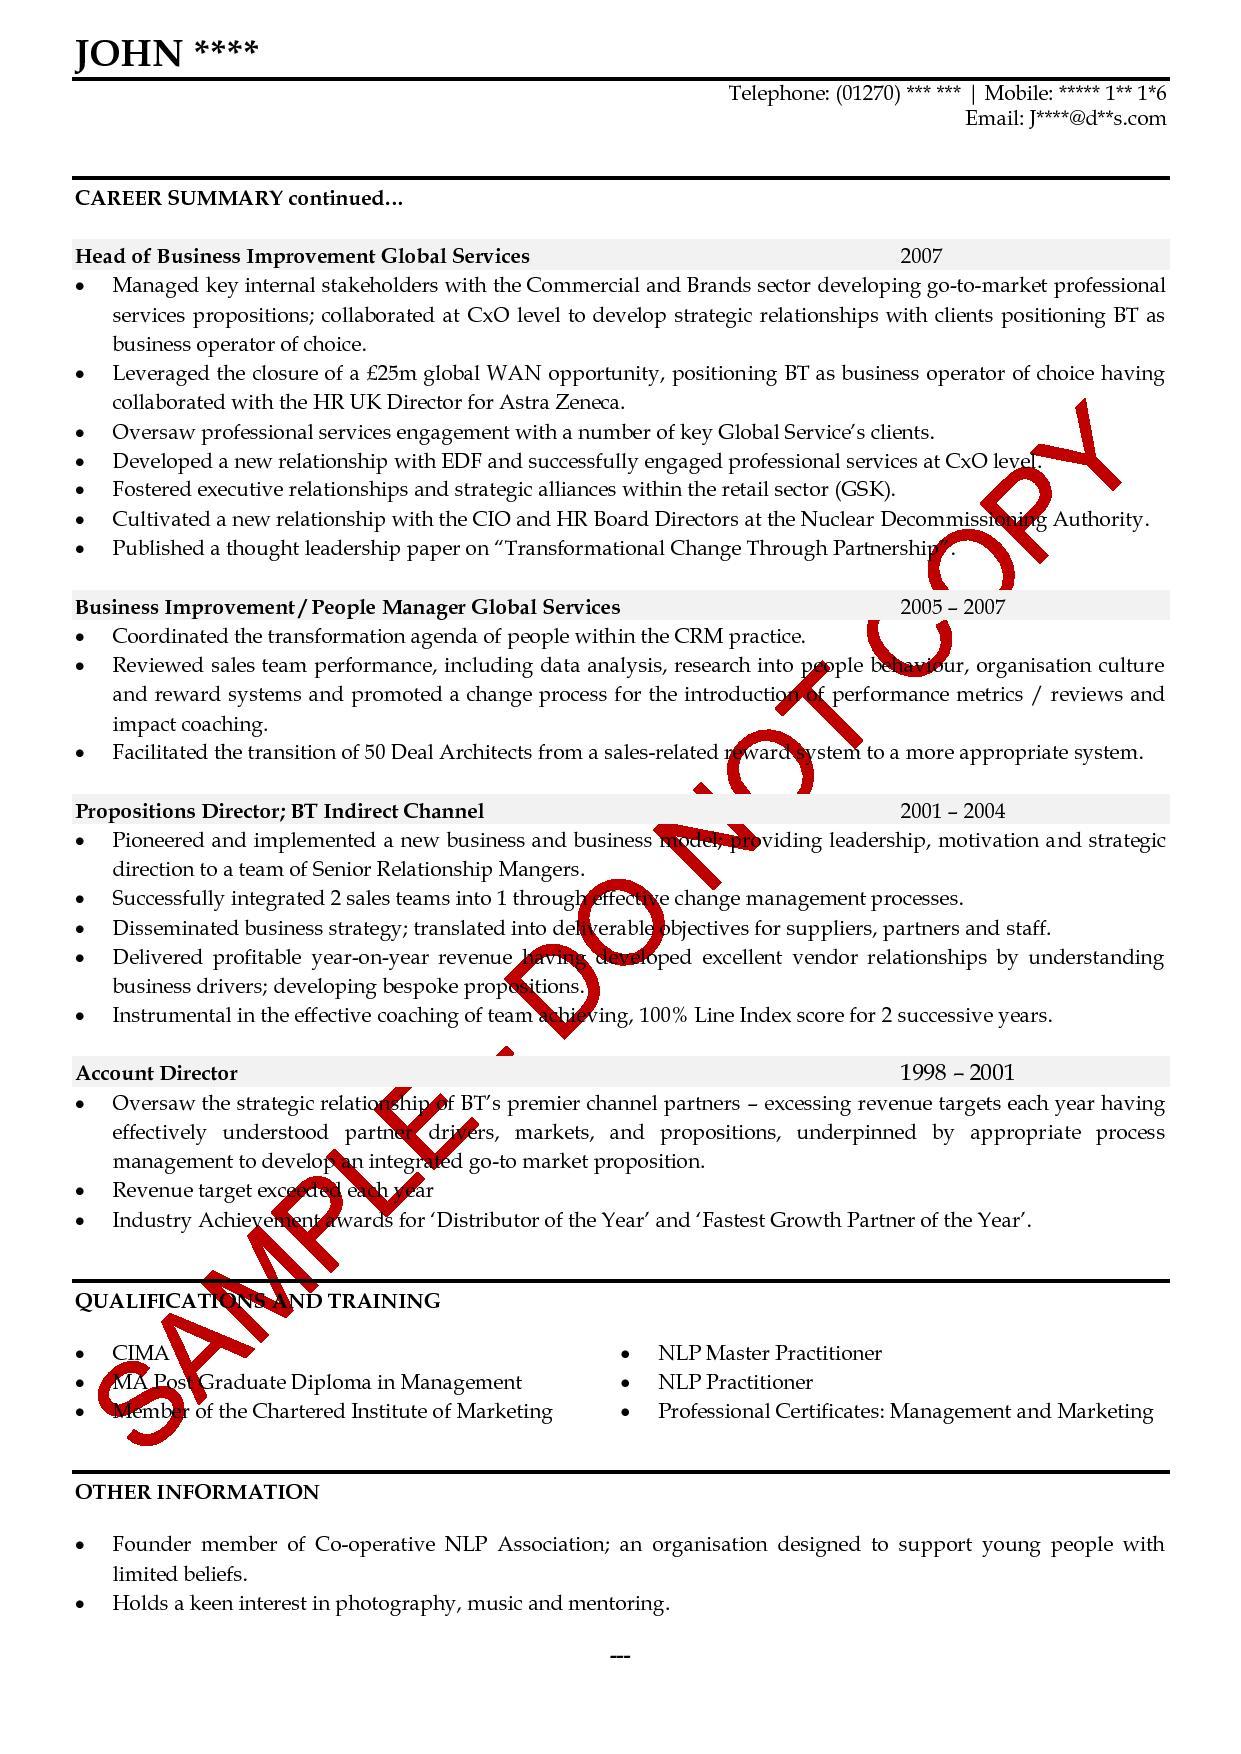 Executive Cv Example: Sales Director